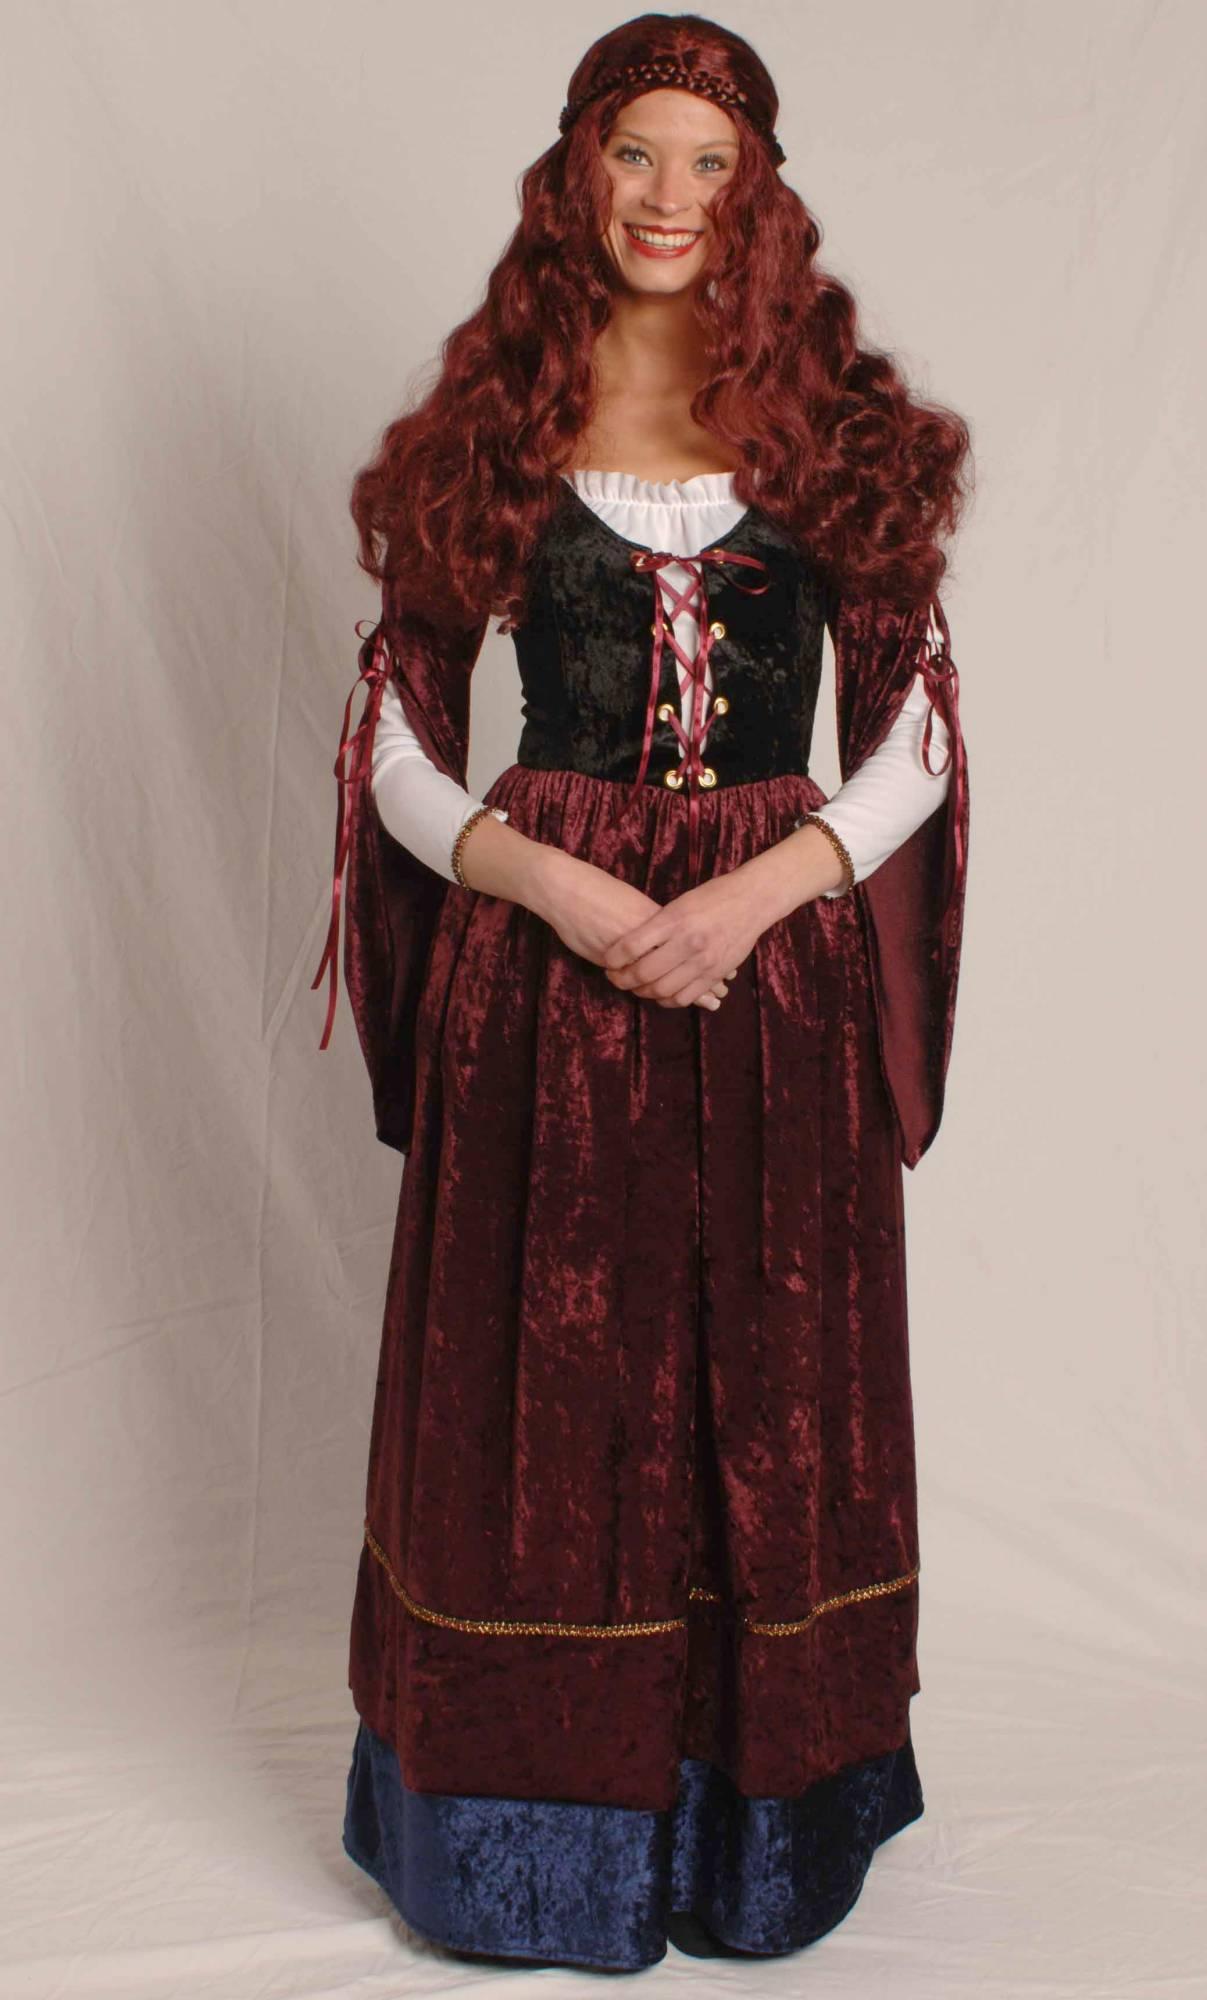 Costume-Médiévale-F7